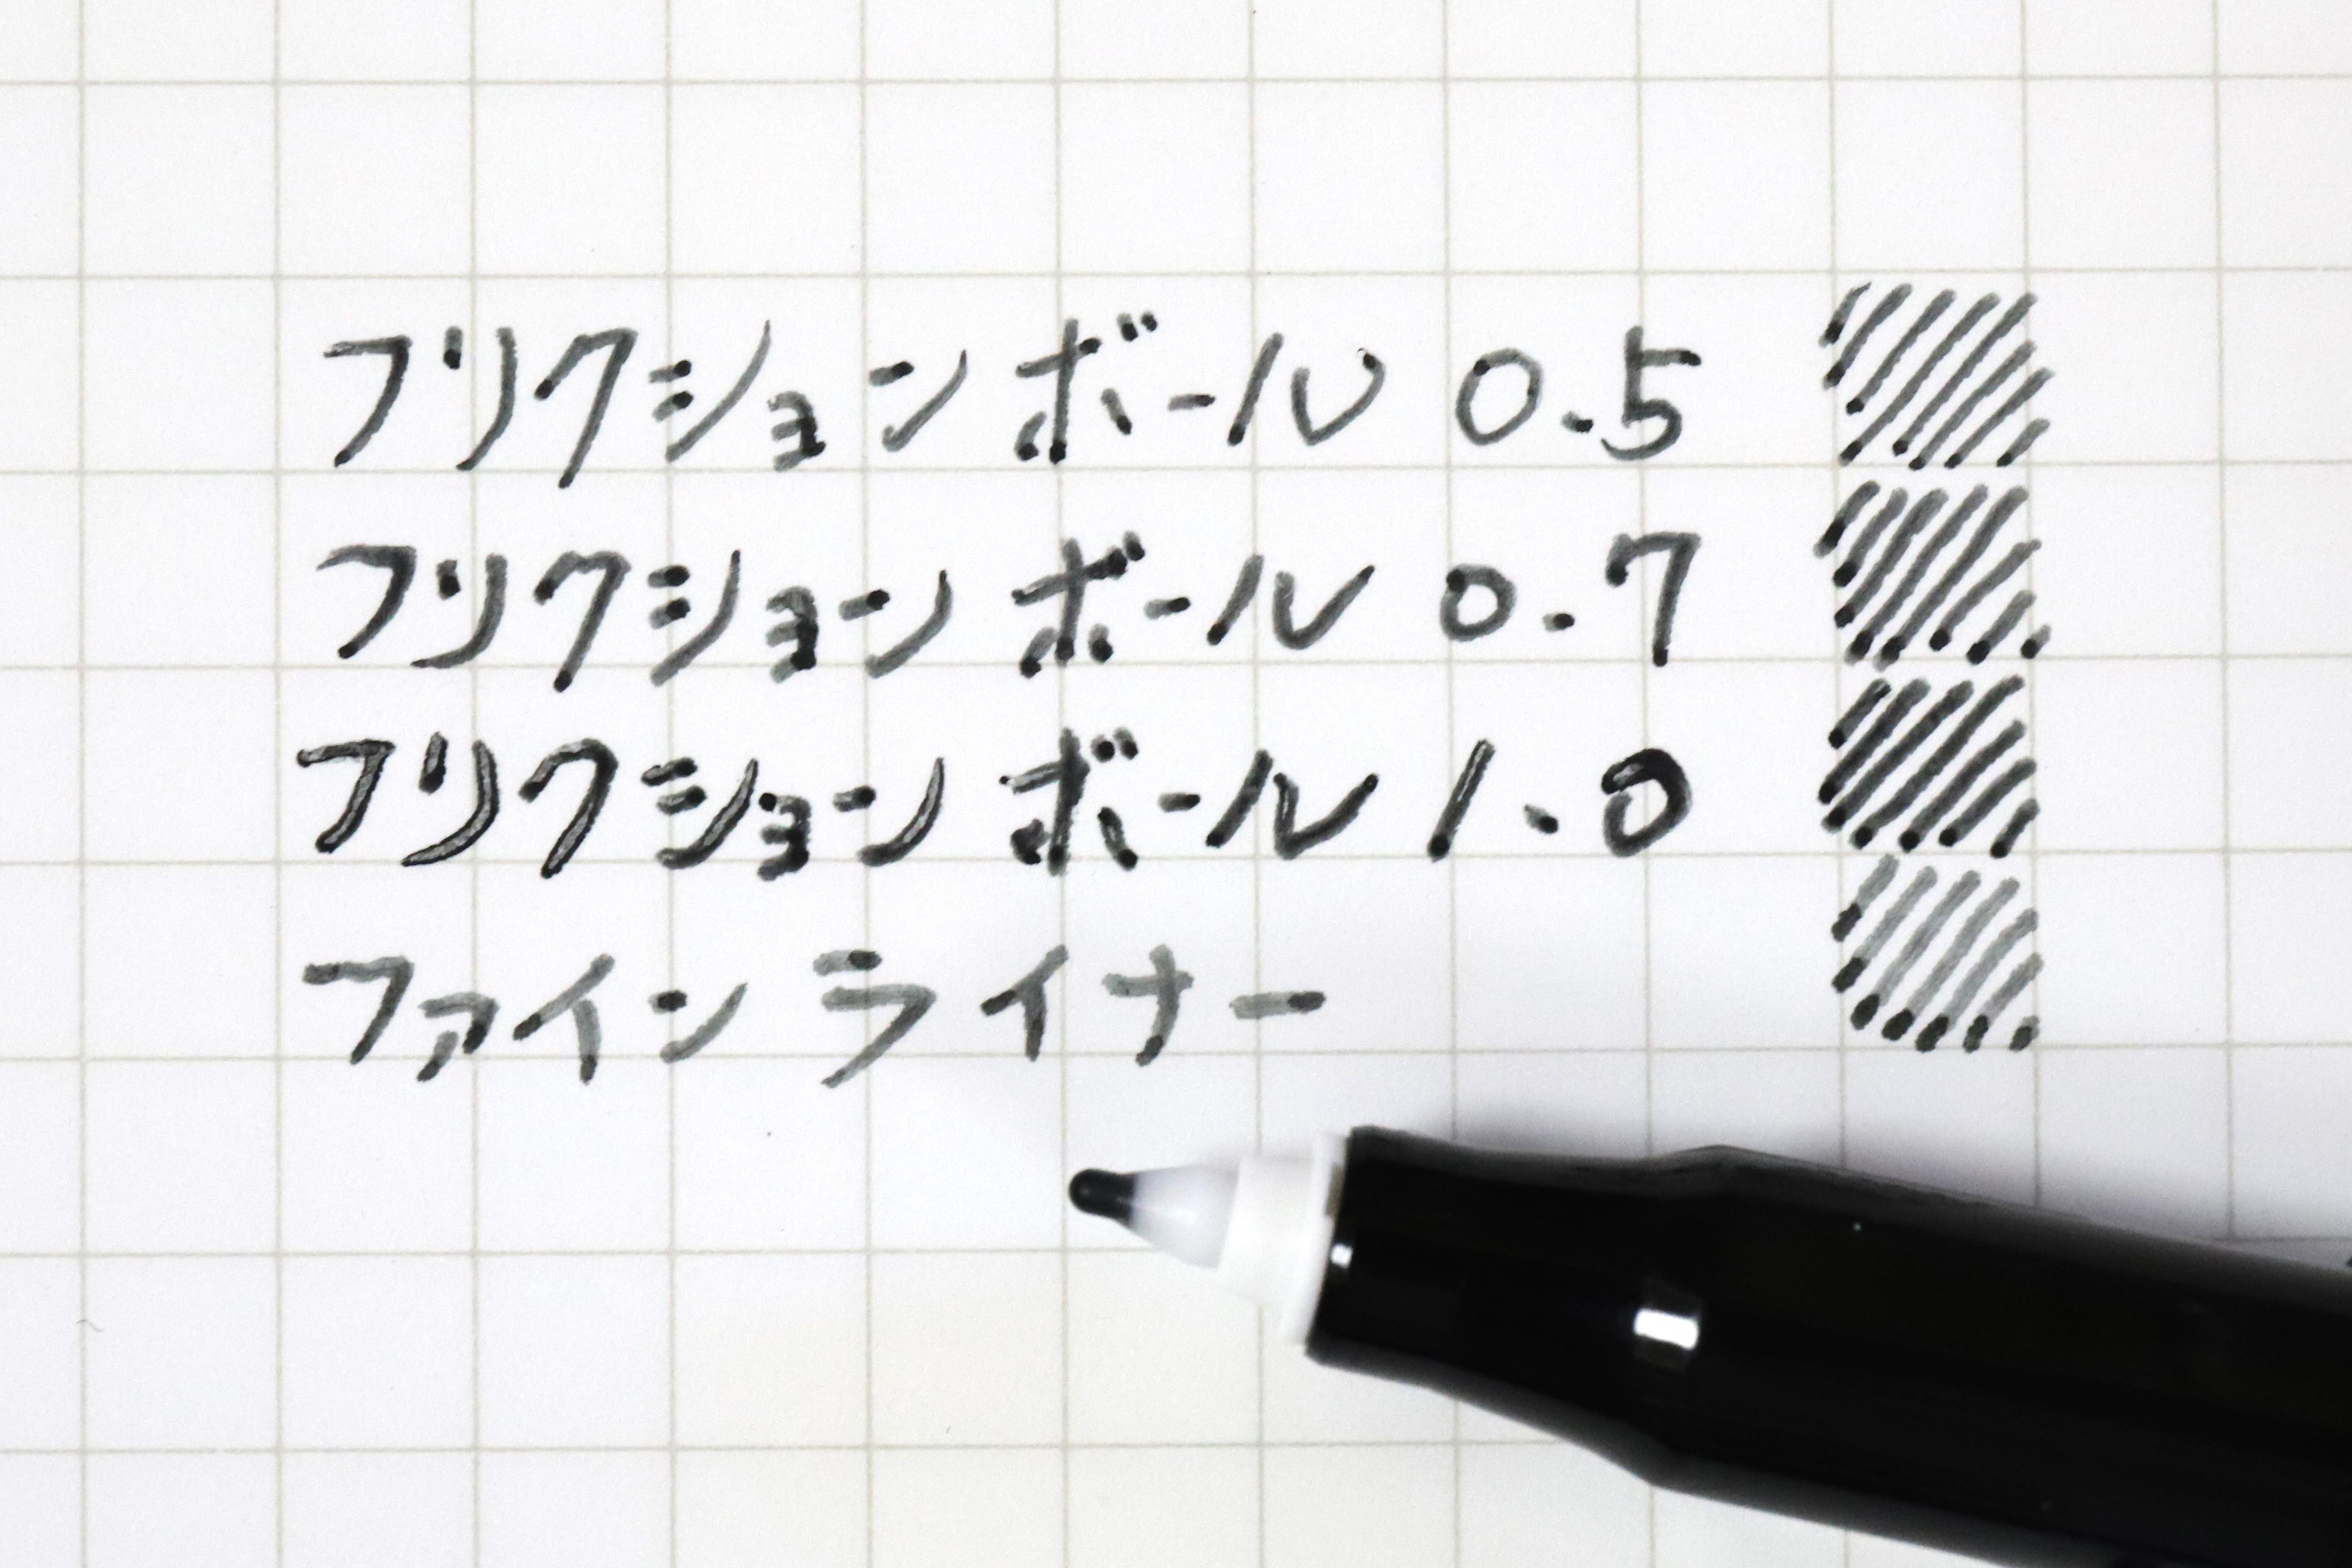 ↑描線の太さは0.7mm〜1.0mmぐらい。筆圧次第で強弱がつくので、やや太線に寄りがちだ